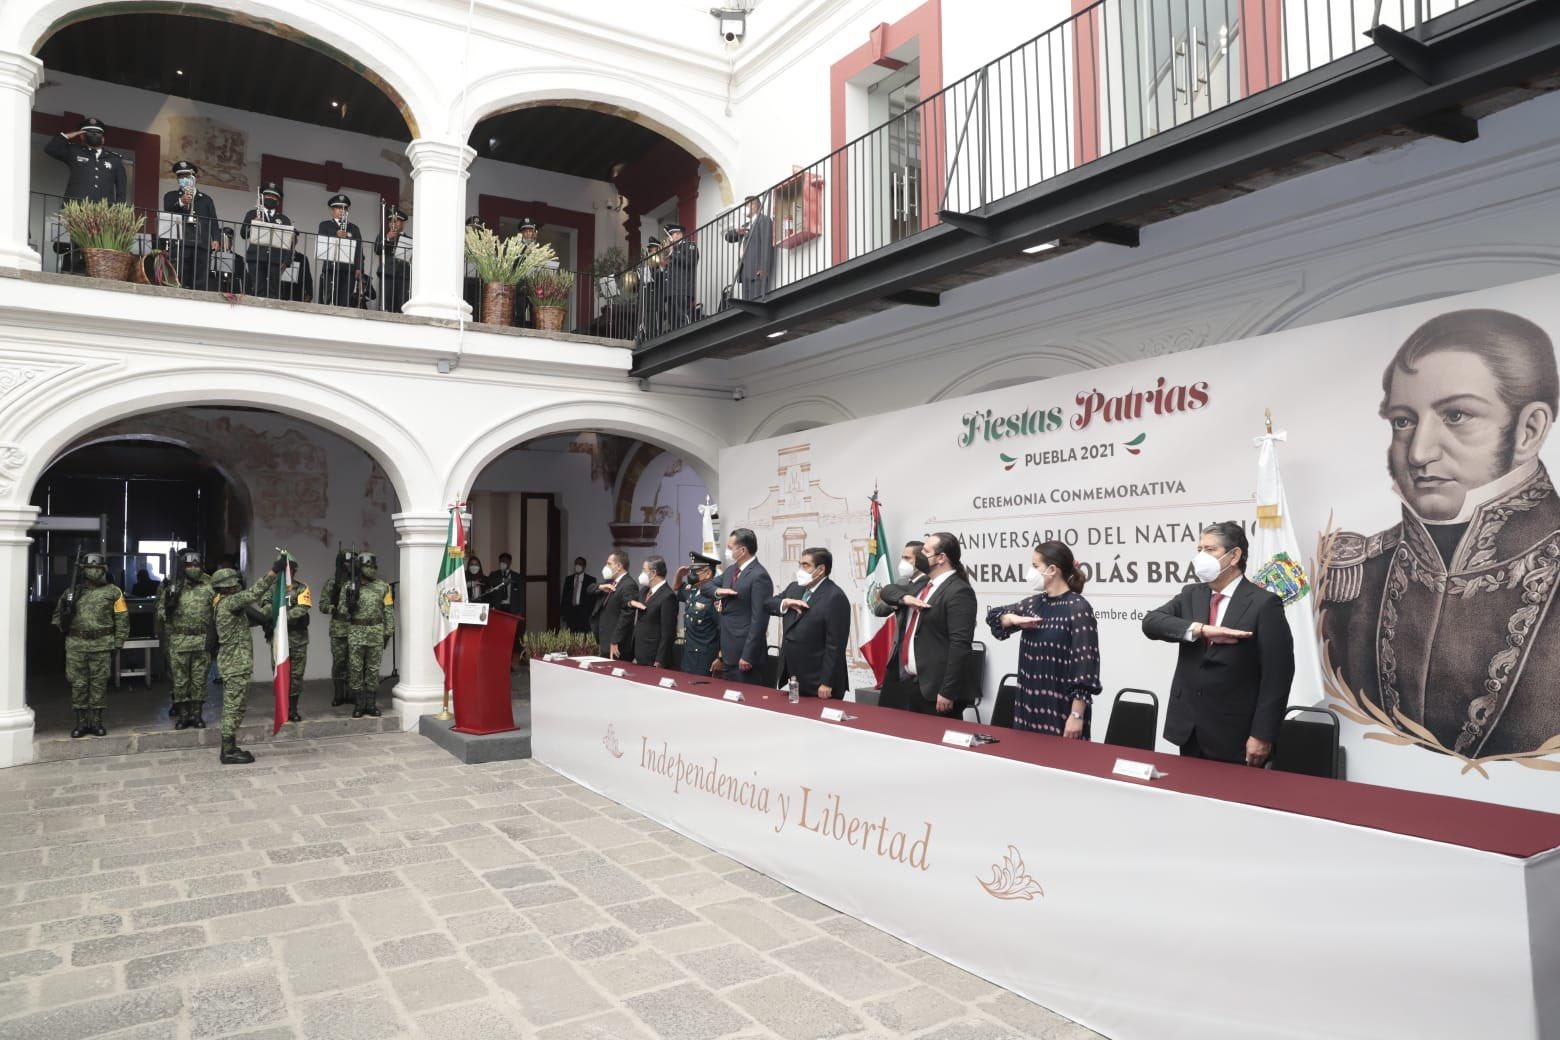 Plana mayor del Gobierno de Puebla oficia ceremonia en memoria de Nicolás Bravo, caudillo de la Independencia y opositor a Santa Anna